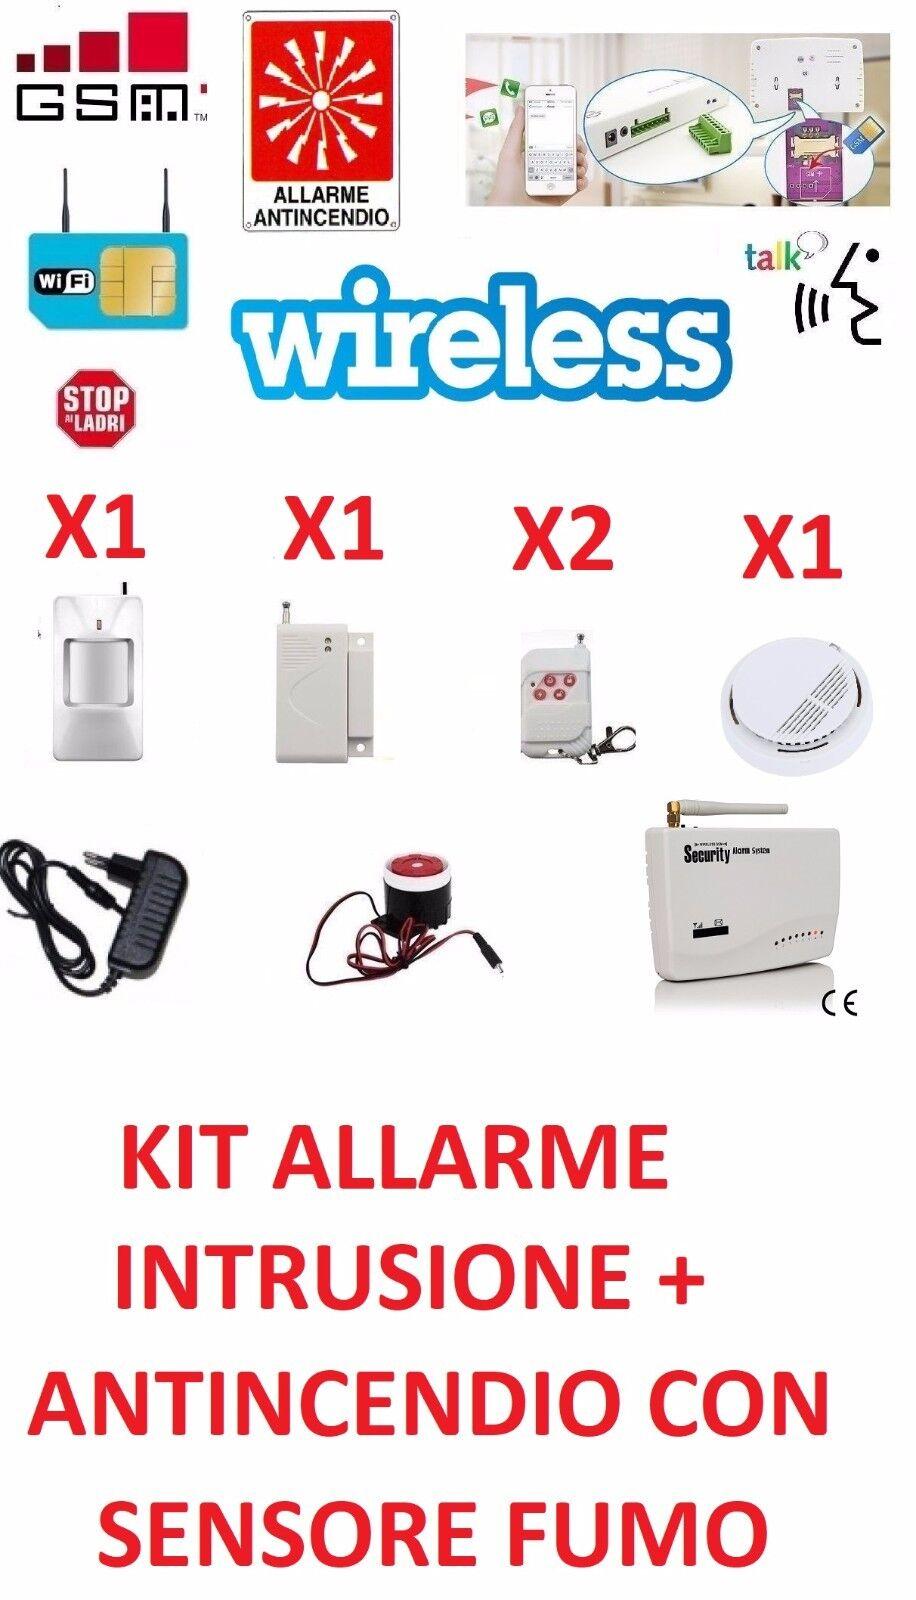 KIT CENTRALE ALLARME WIRELESS ANTINCENDIO INTRUSIONE FUMO WIFI SENZA FILI GSM